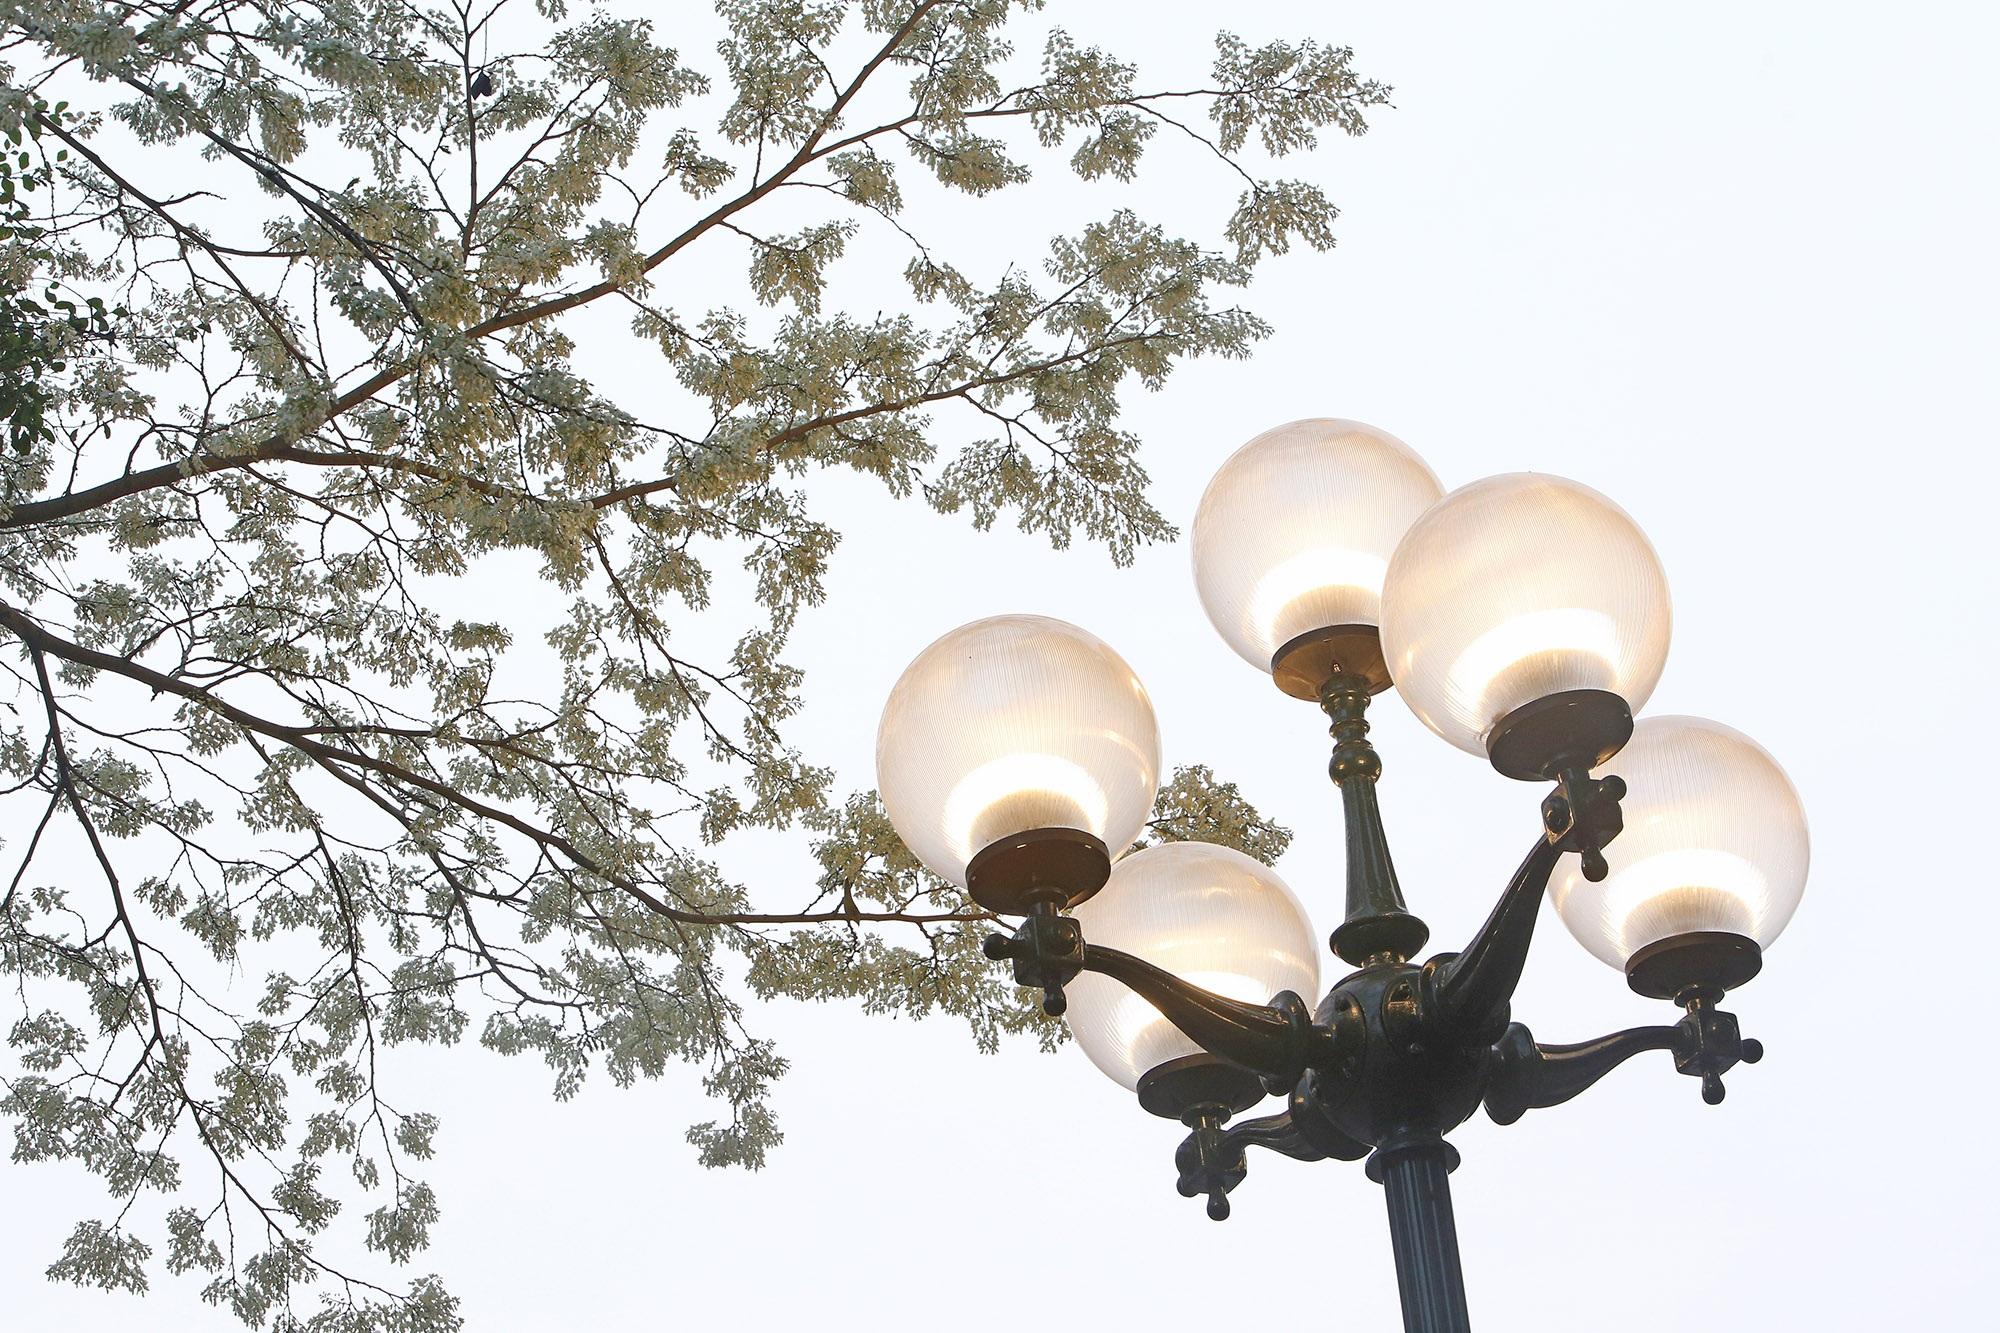 Ngắm hoa sưa nở trắng trời Hà Nội - 12